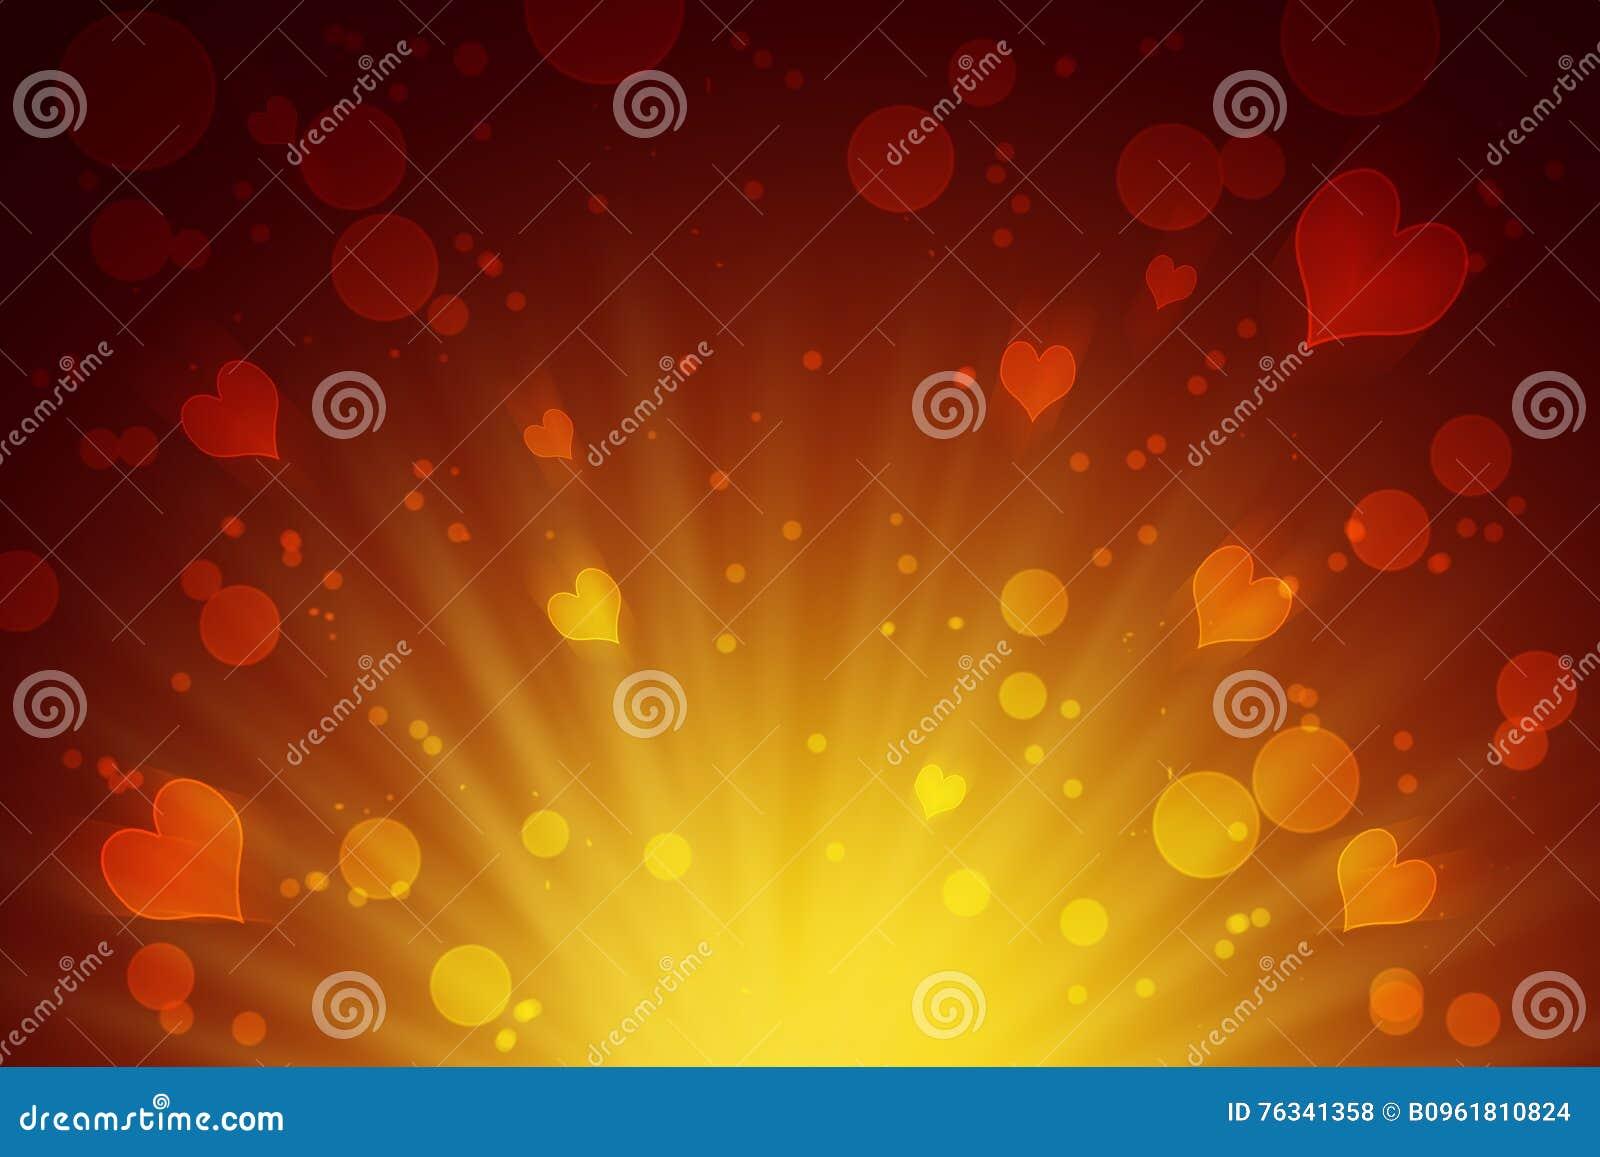 Círculos y fondo abstracto amarillo de los corazones celebración Amor